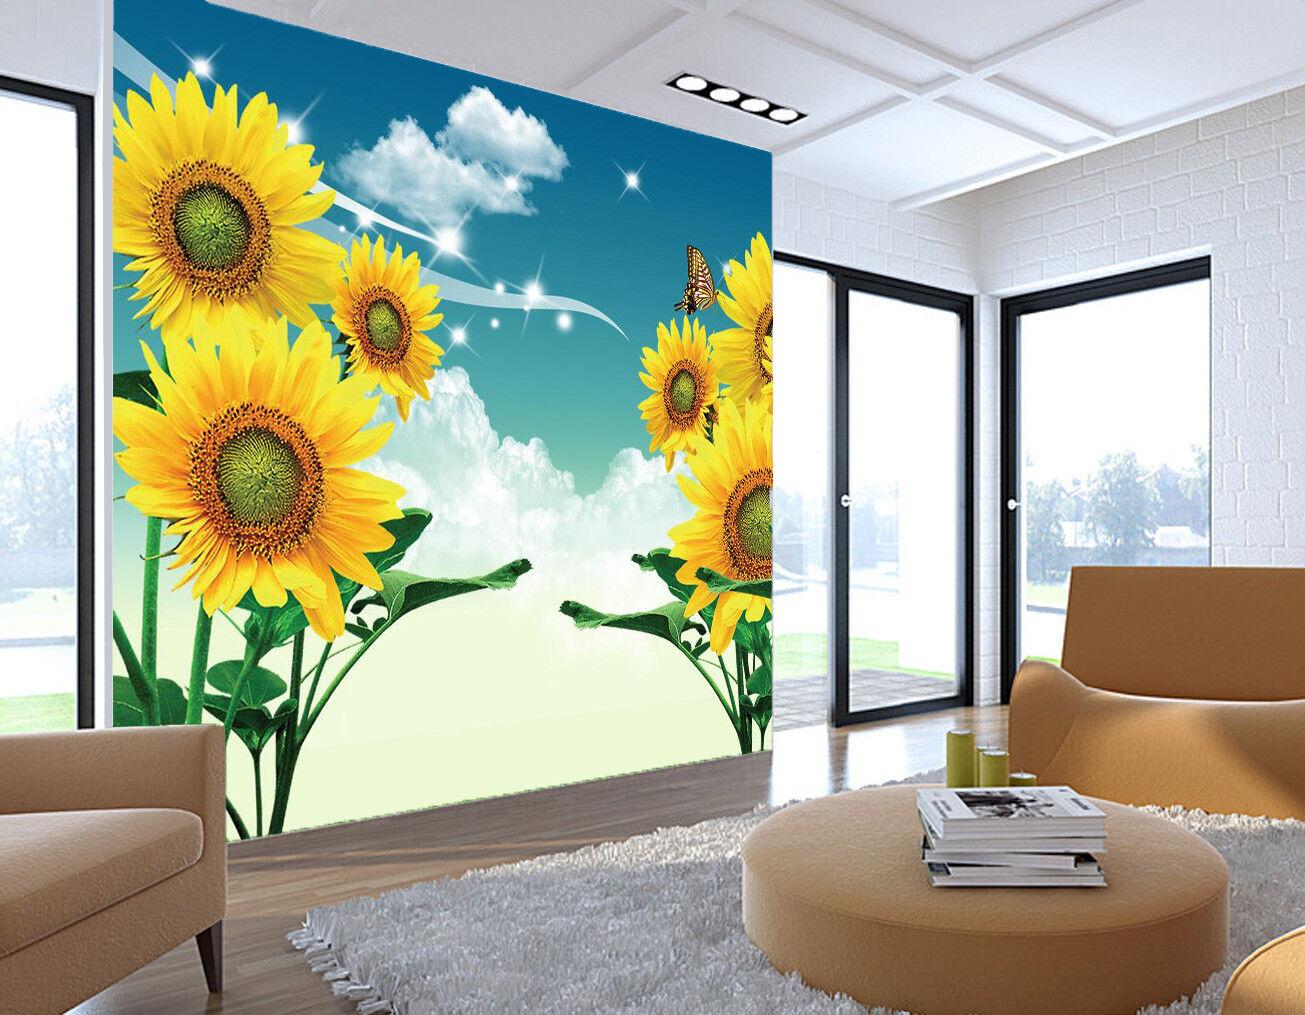 3D Sunflower Sky 7381 Wallpaper Mural Wall Print Wall Wallpaper Murals US Lemon